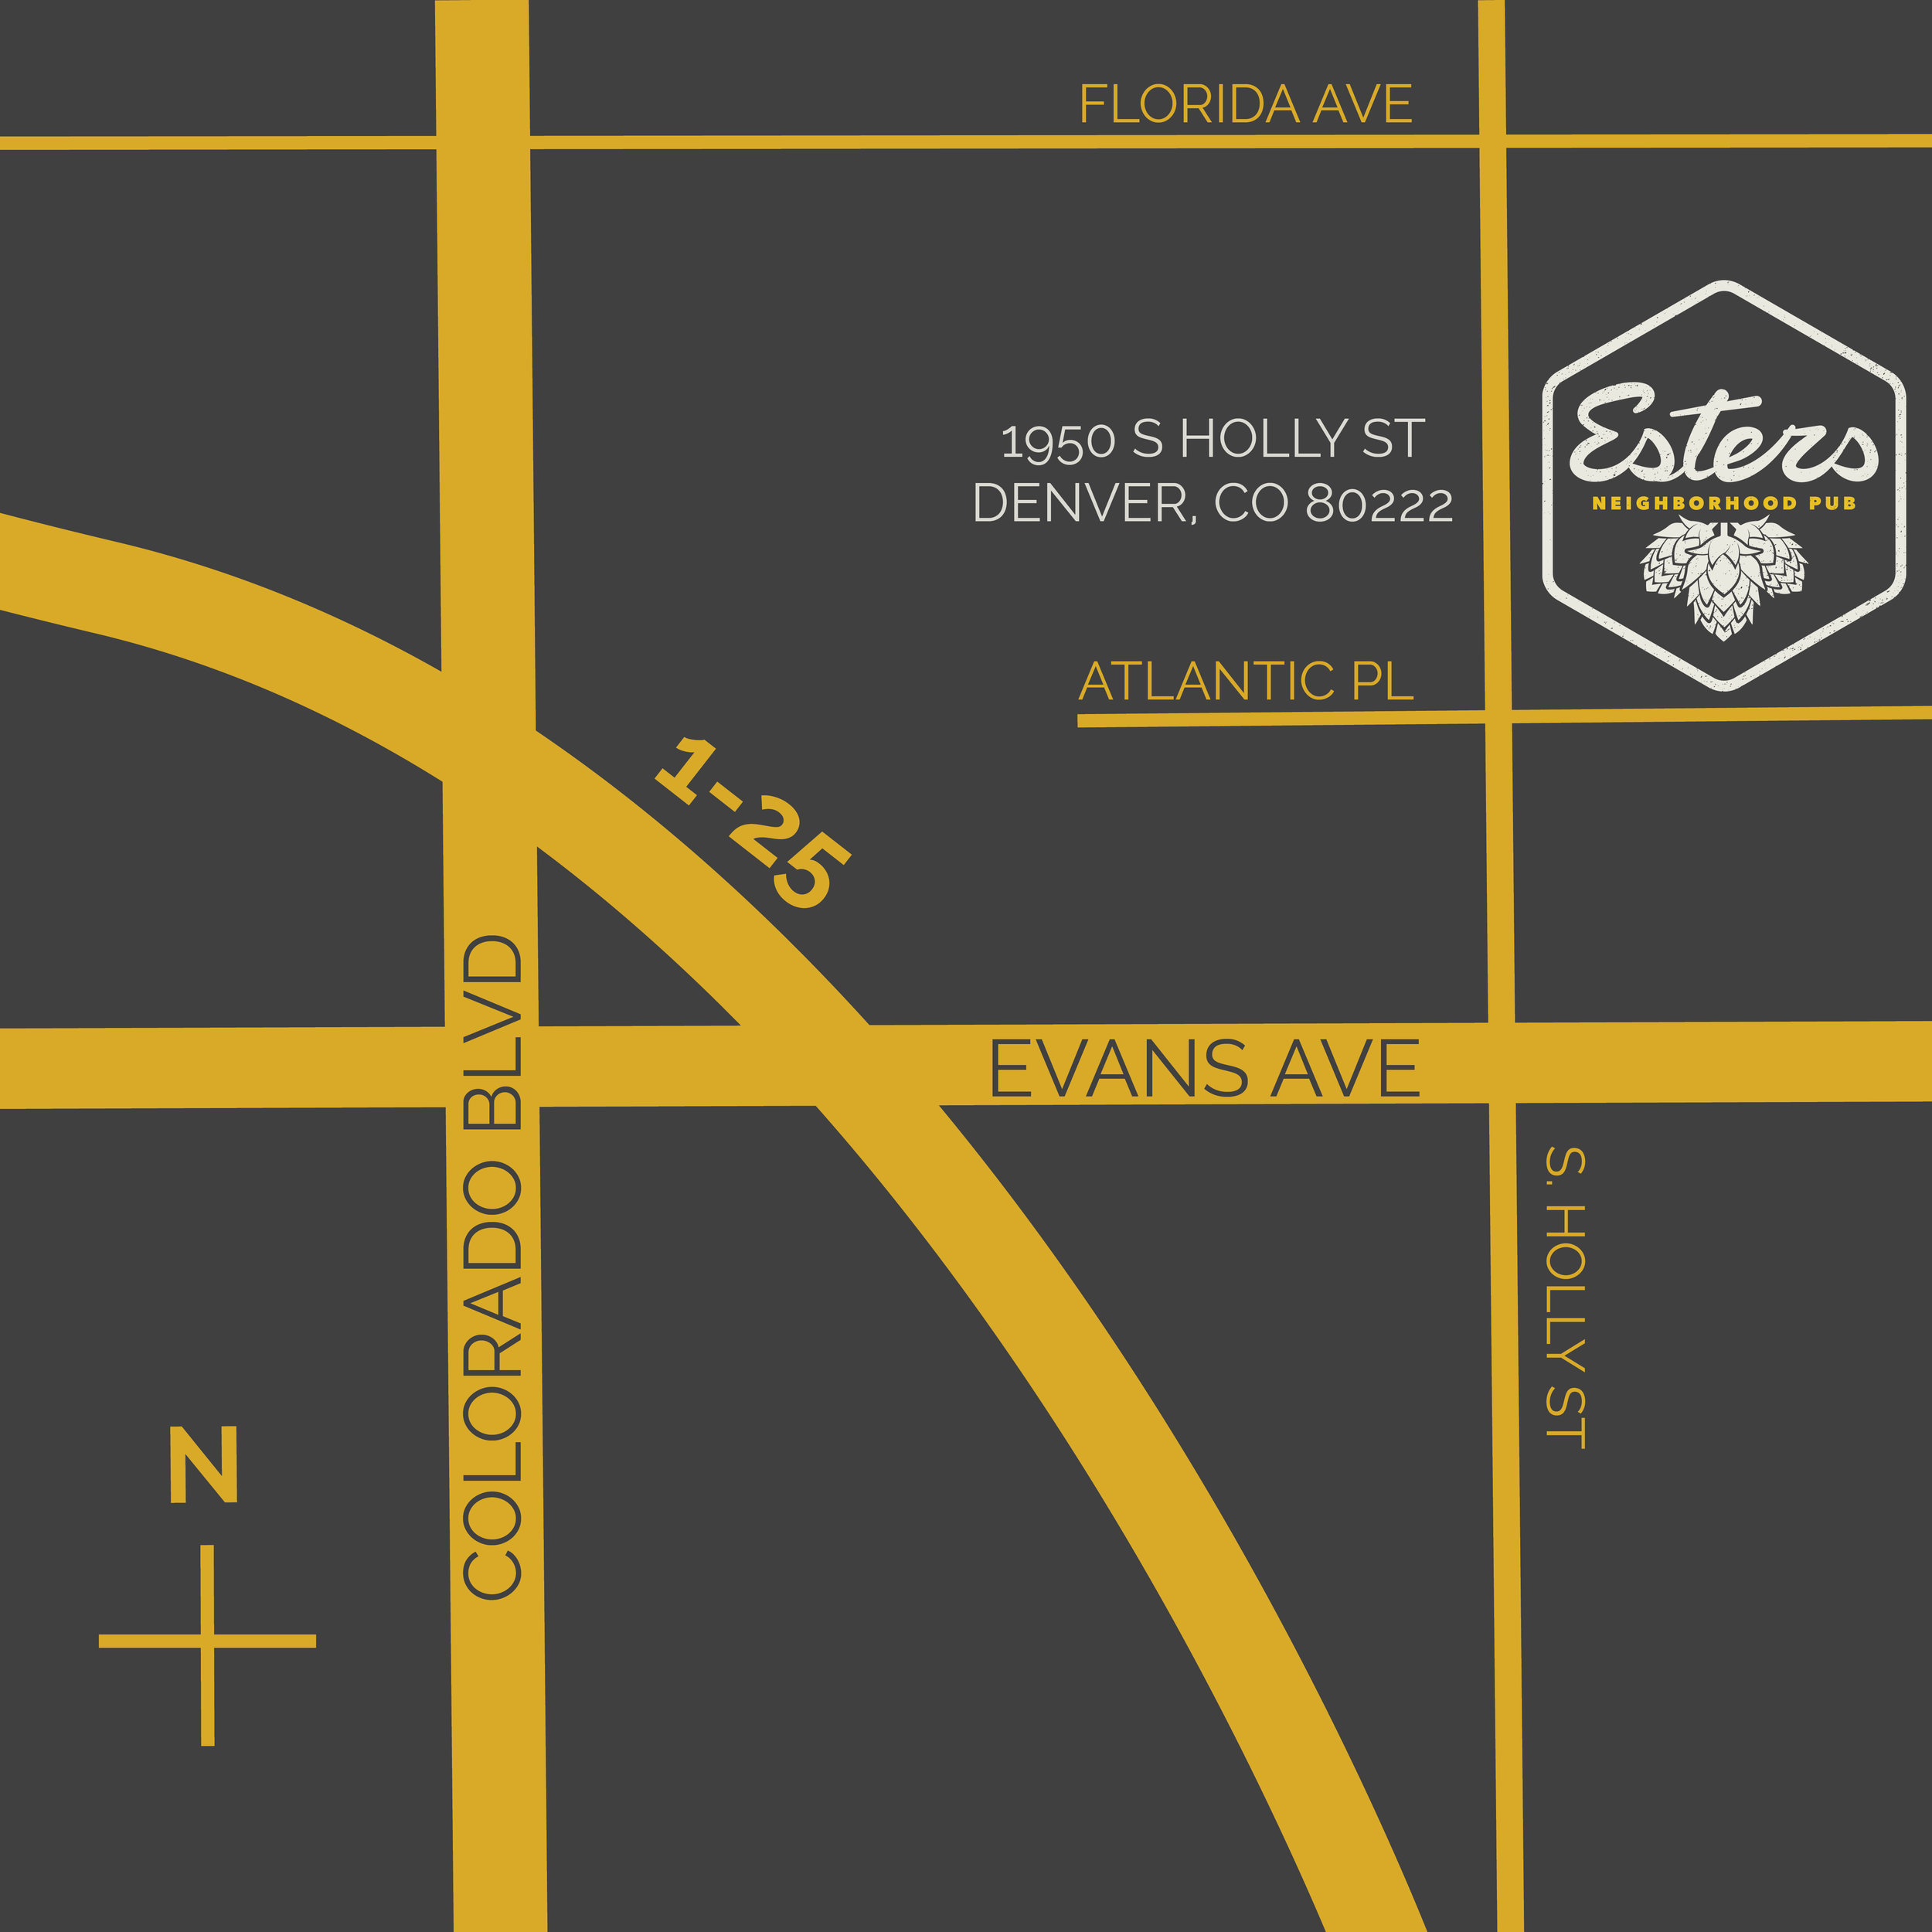 esters-OG-map.jpg